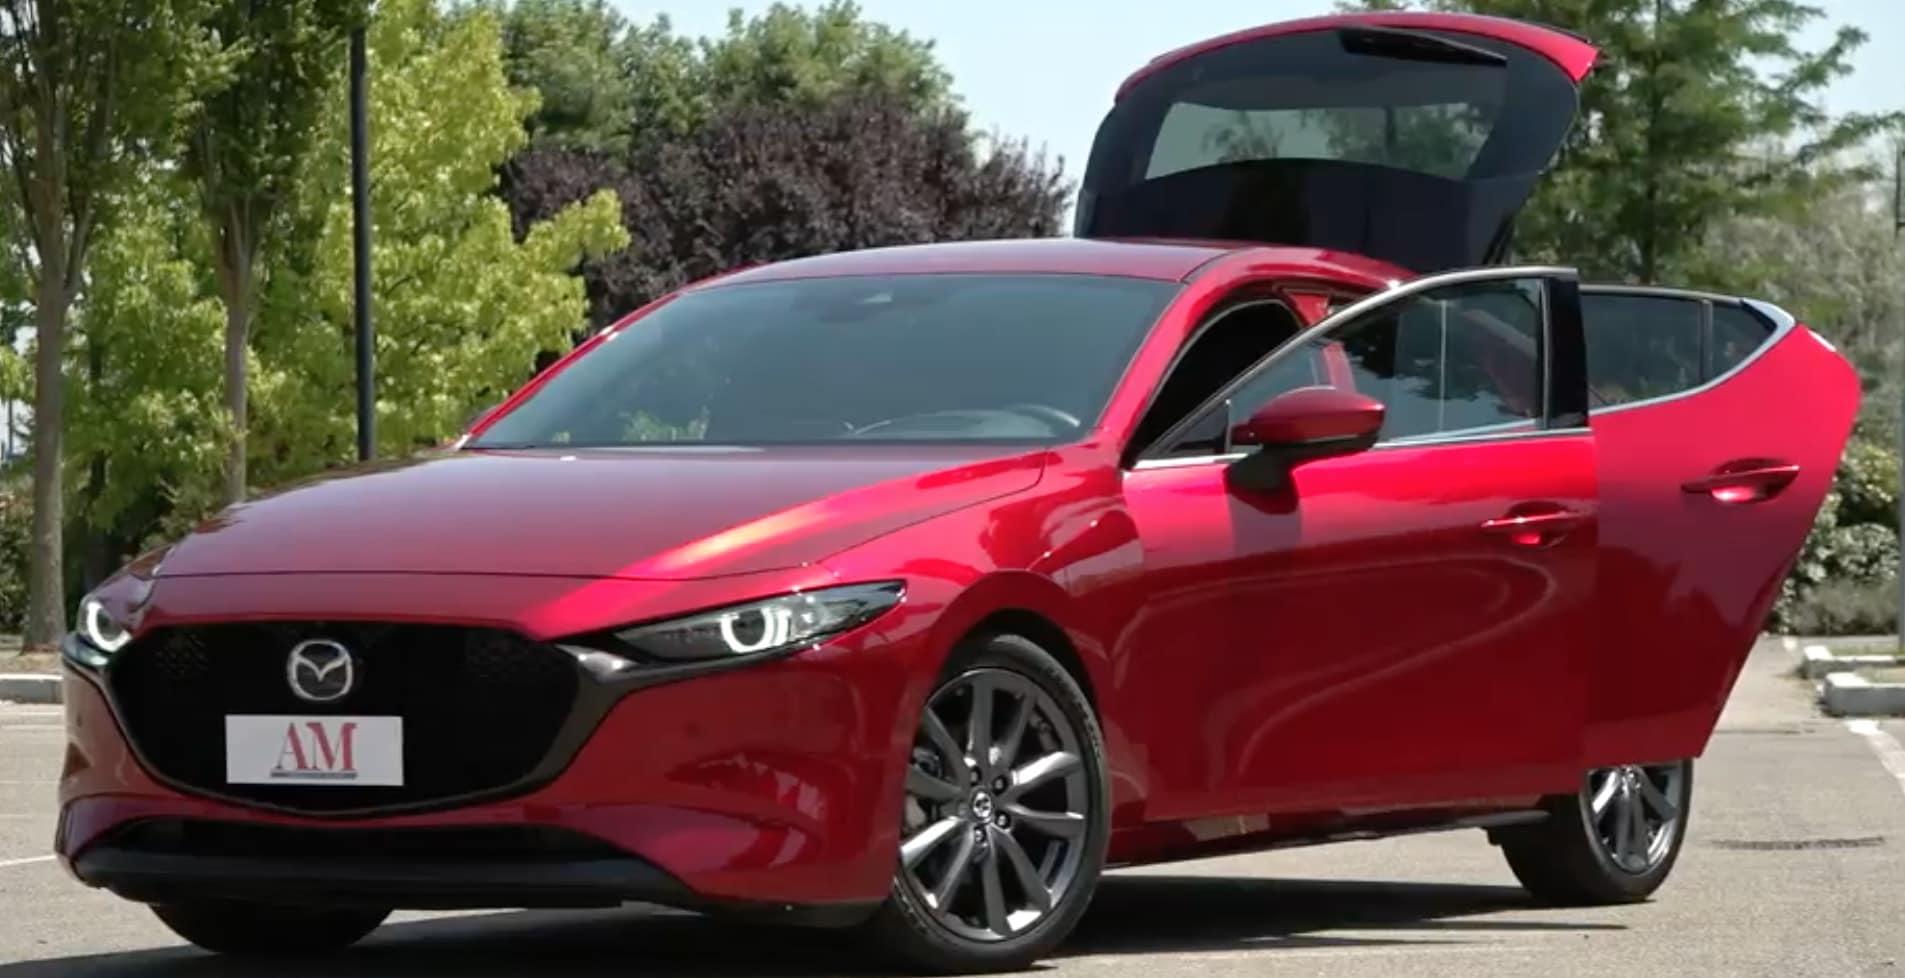 La prova su strada della nuova Mazda 3: il video